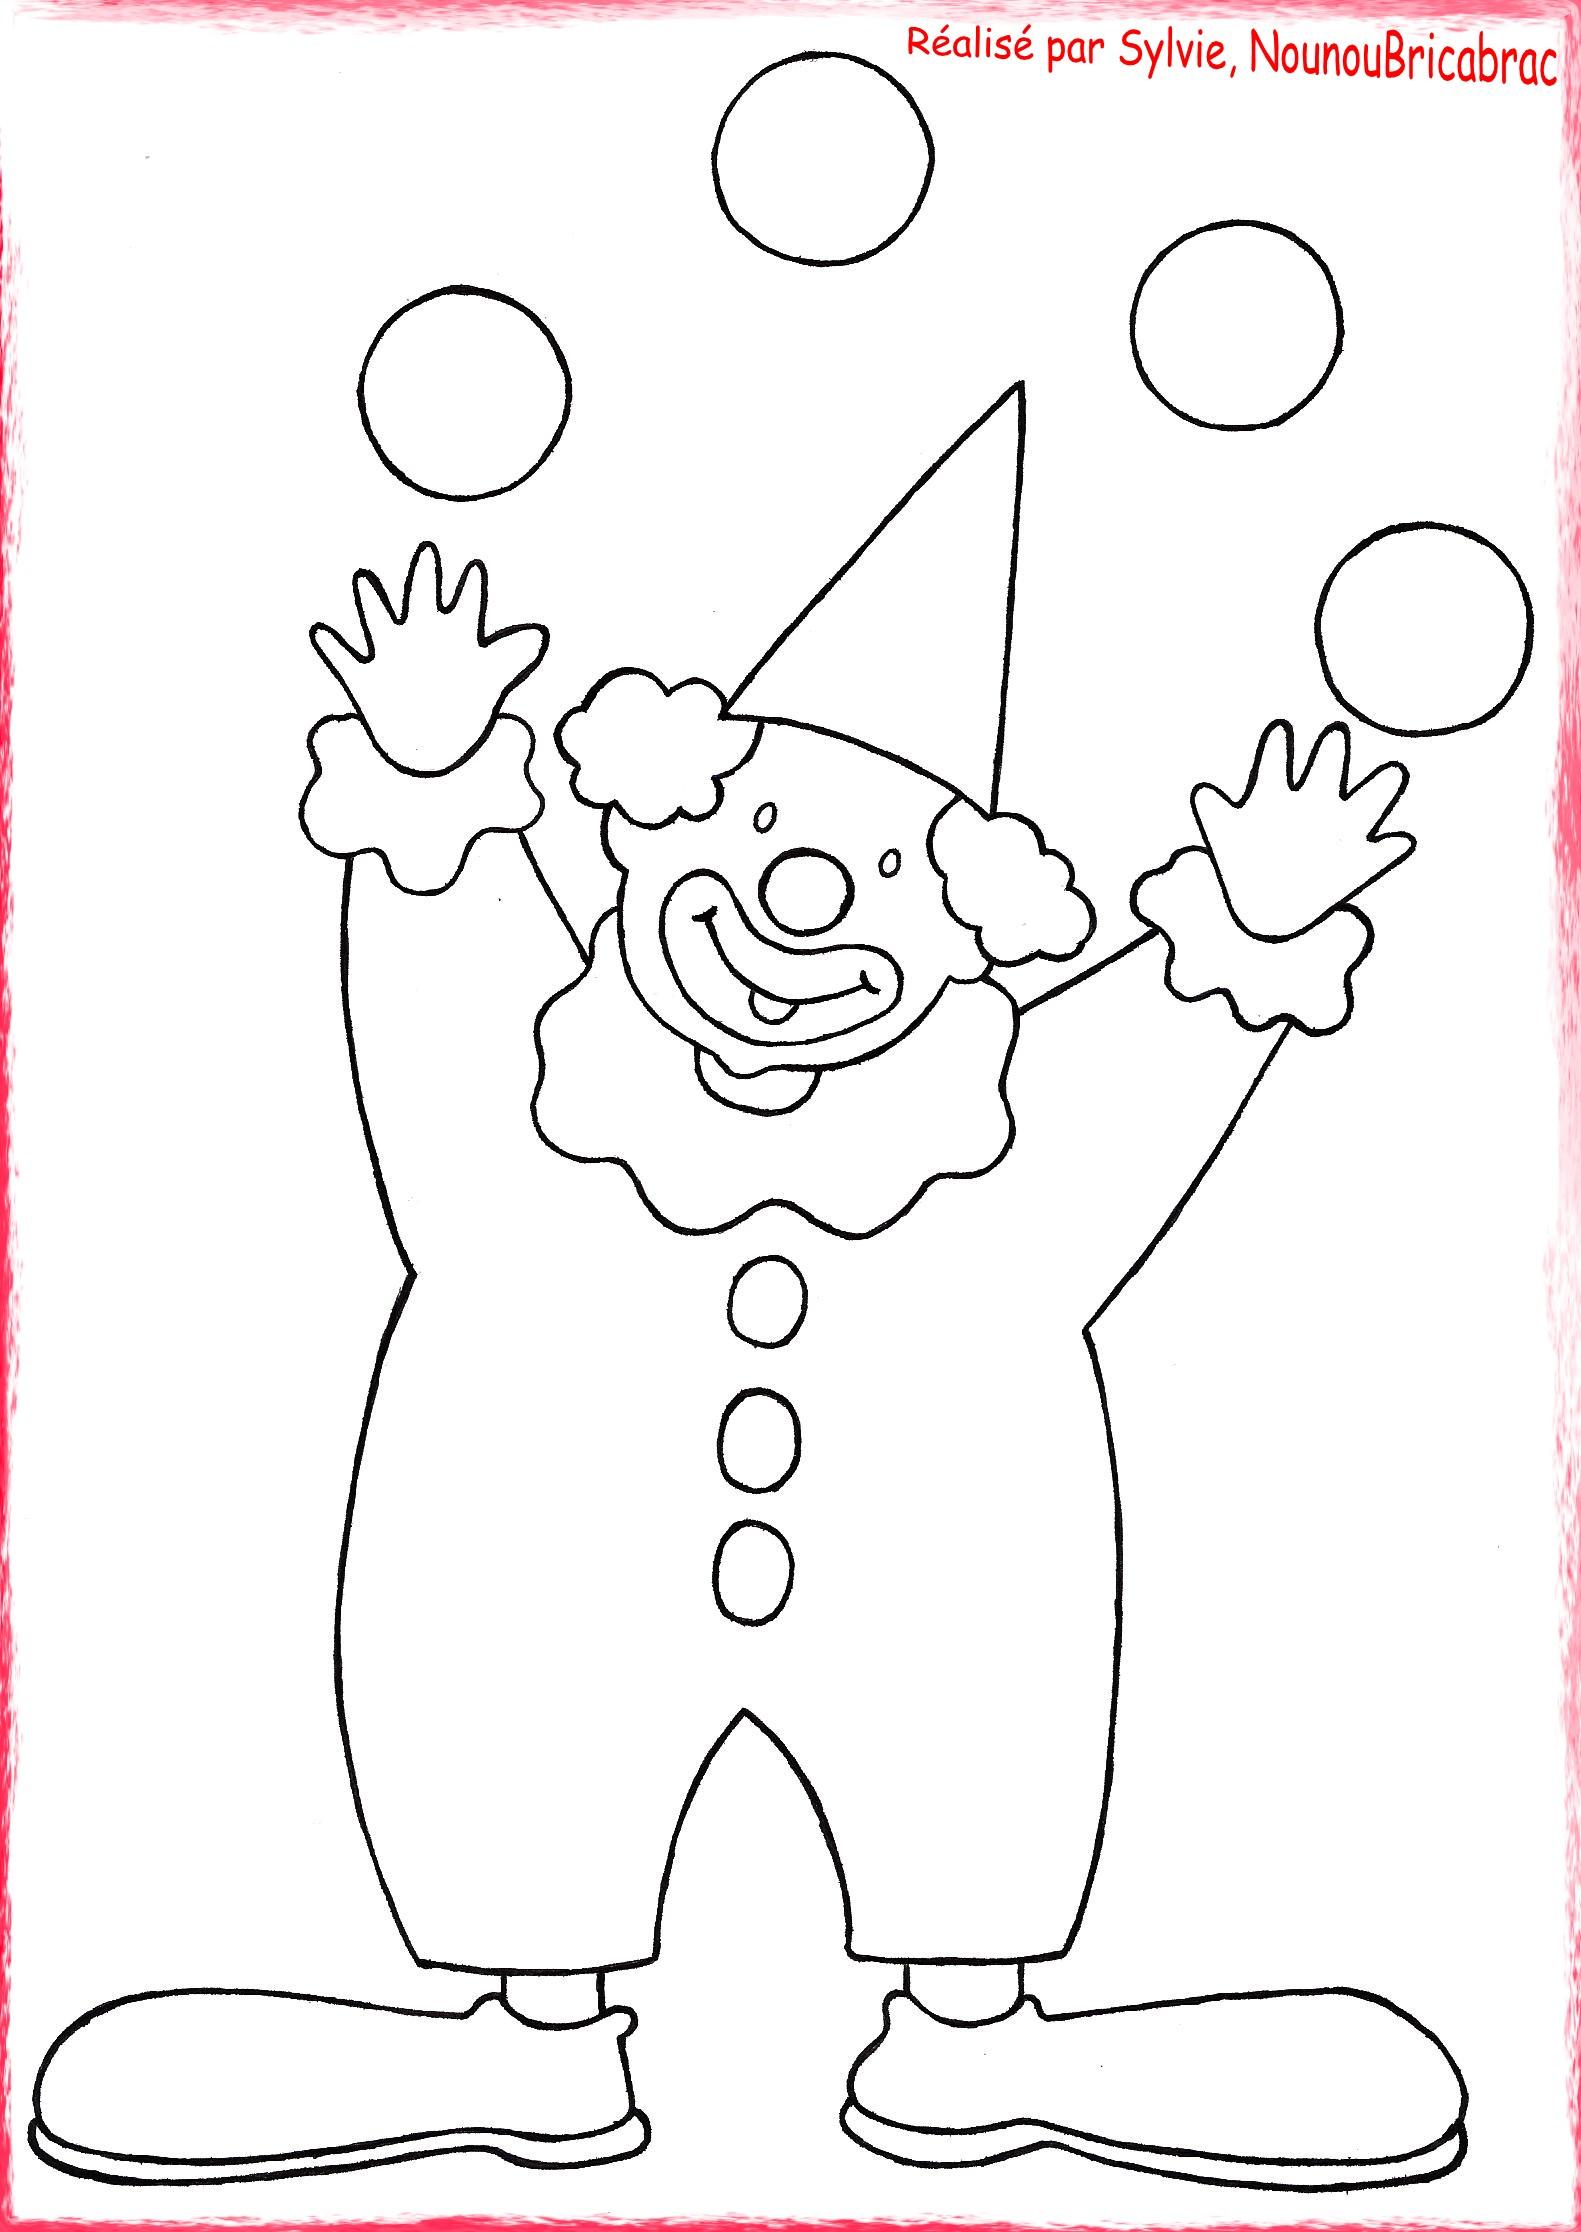 16 dessins de coloriage hiver petite section imprimer - Coloriages petite section ...